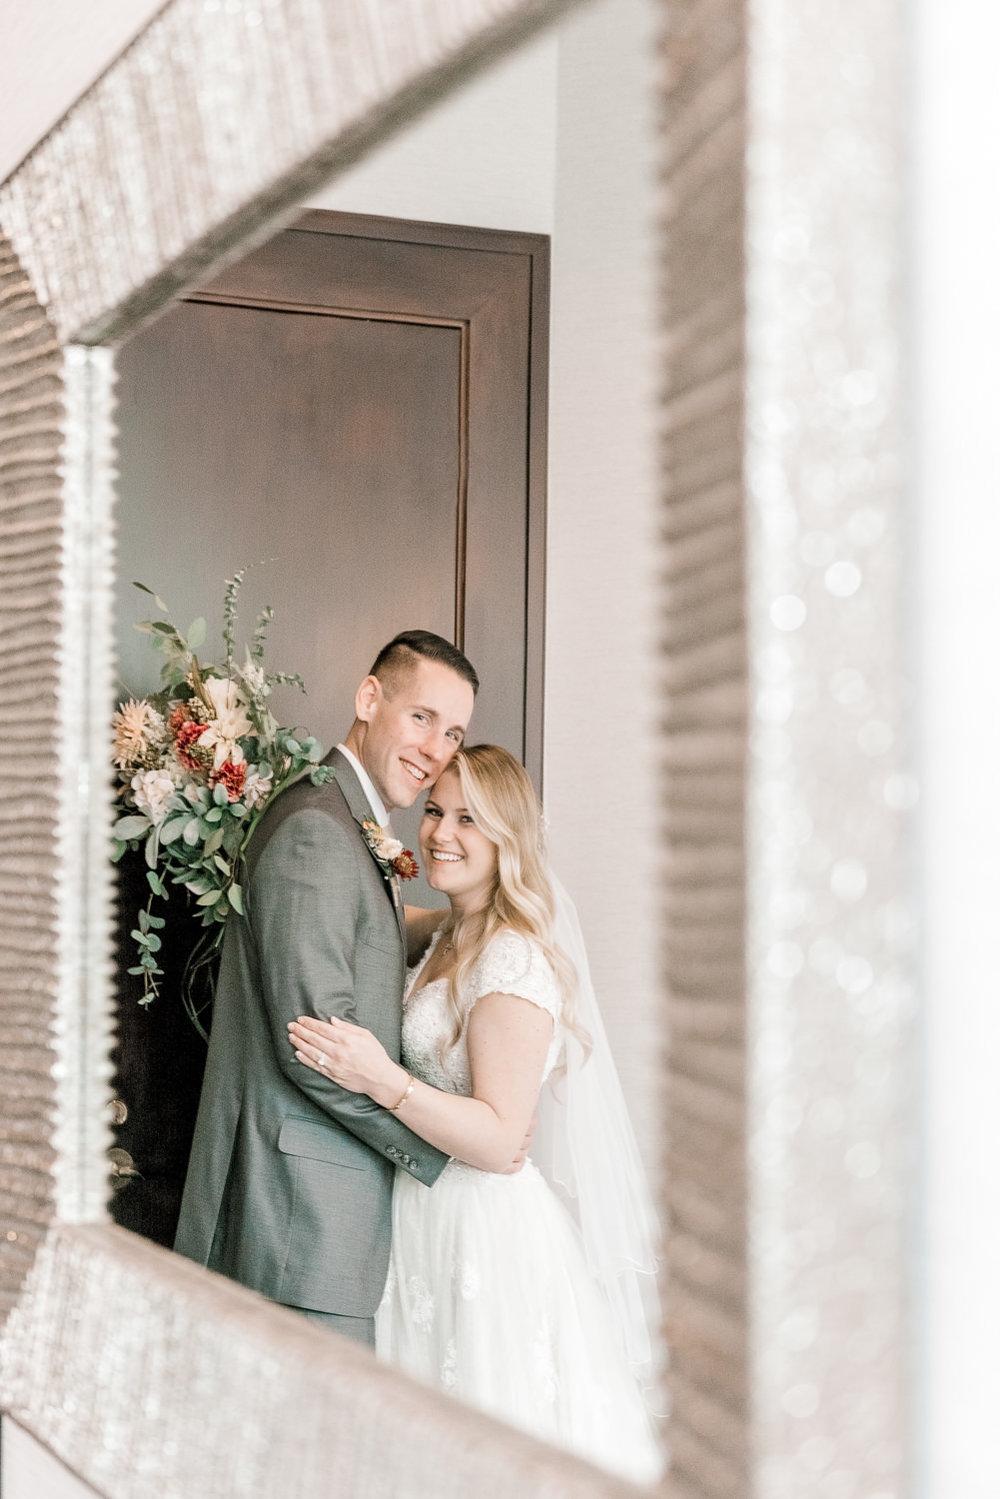 Indoor Resort Hotel Wedding in New England